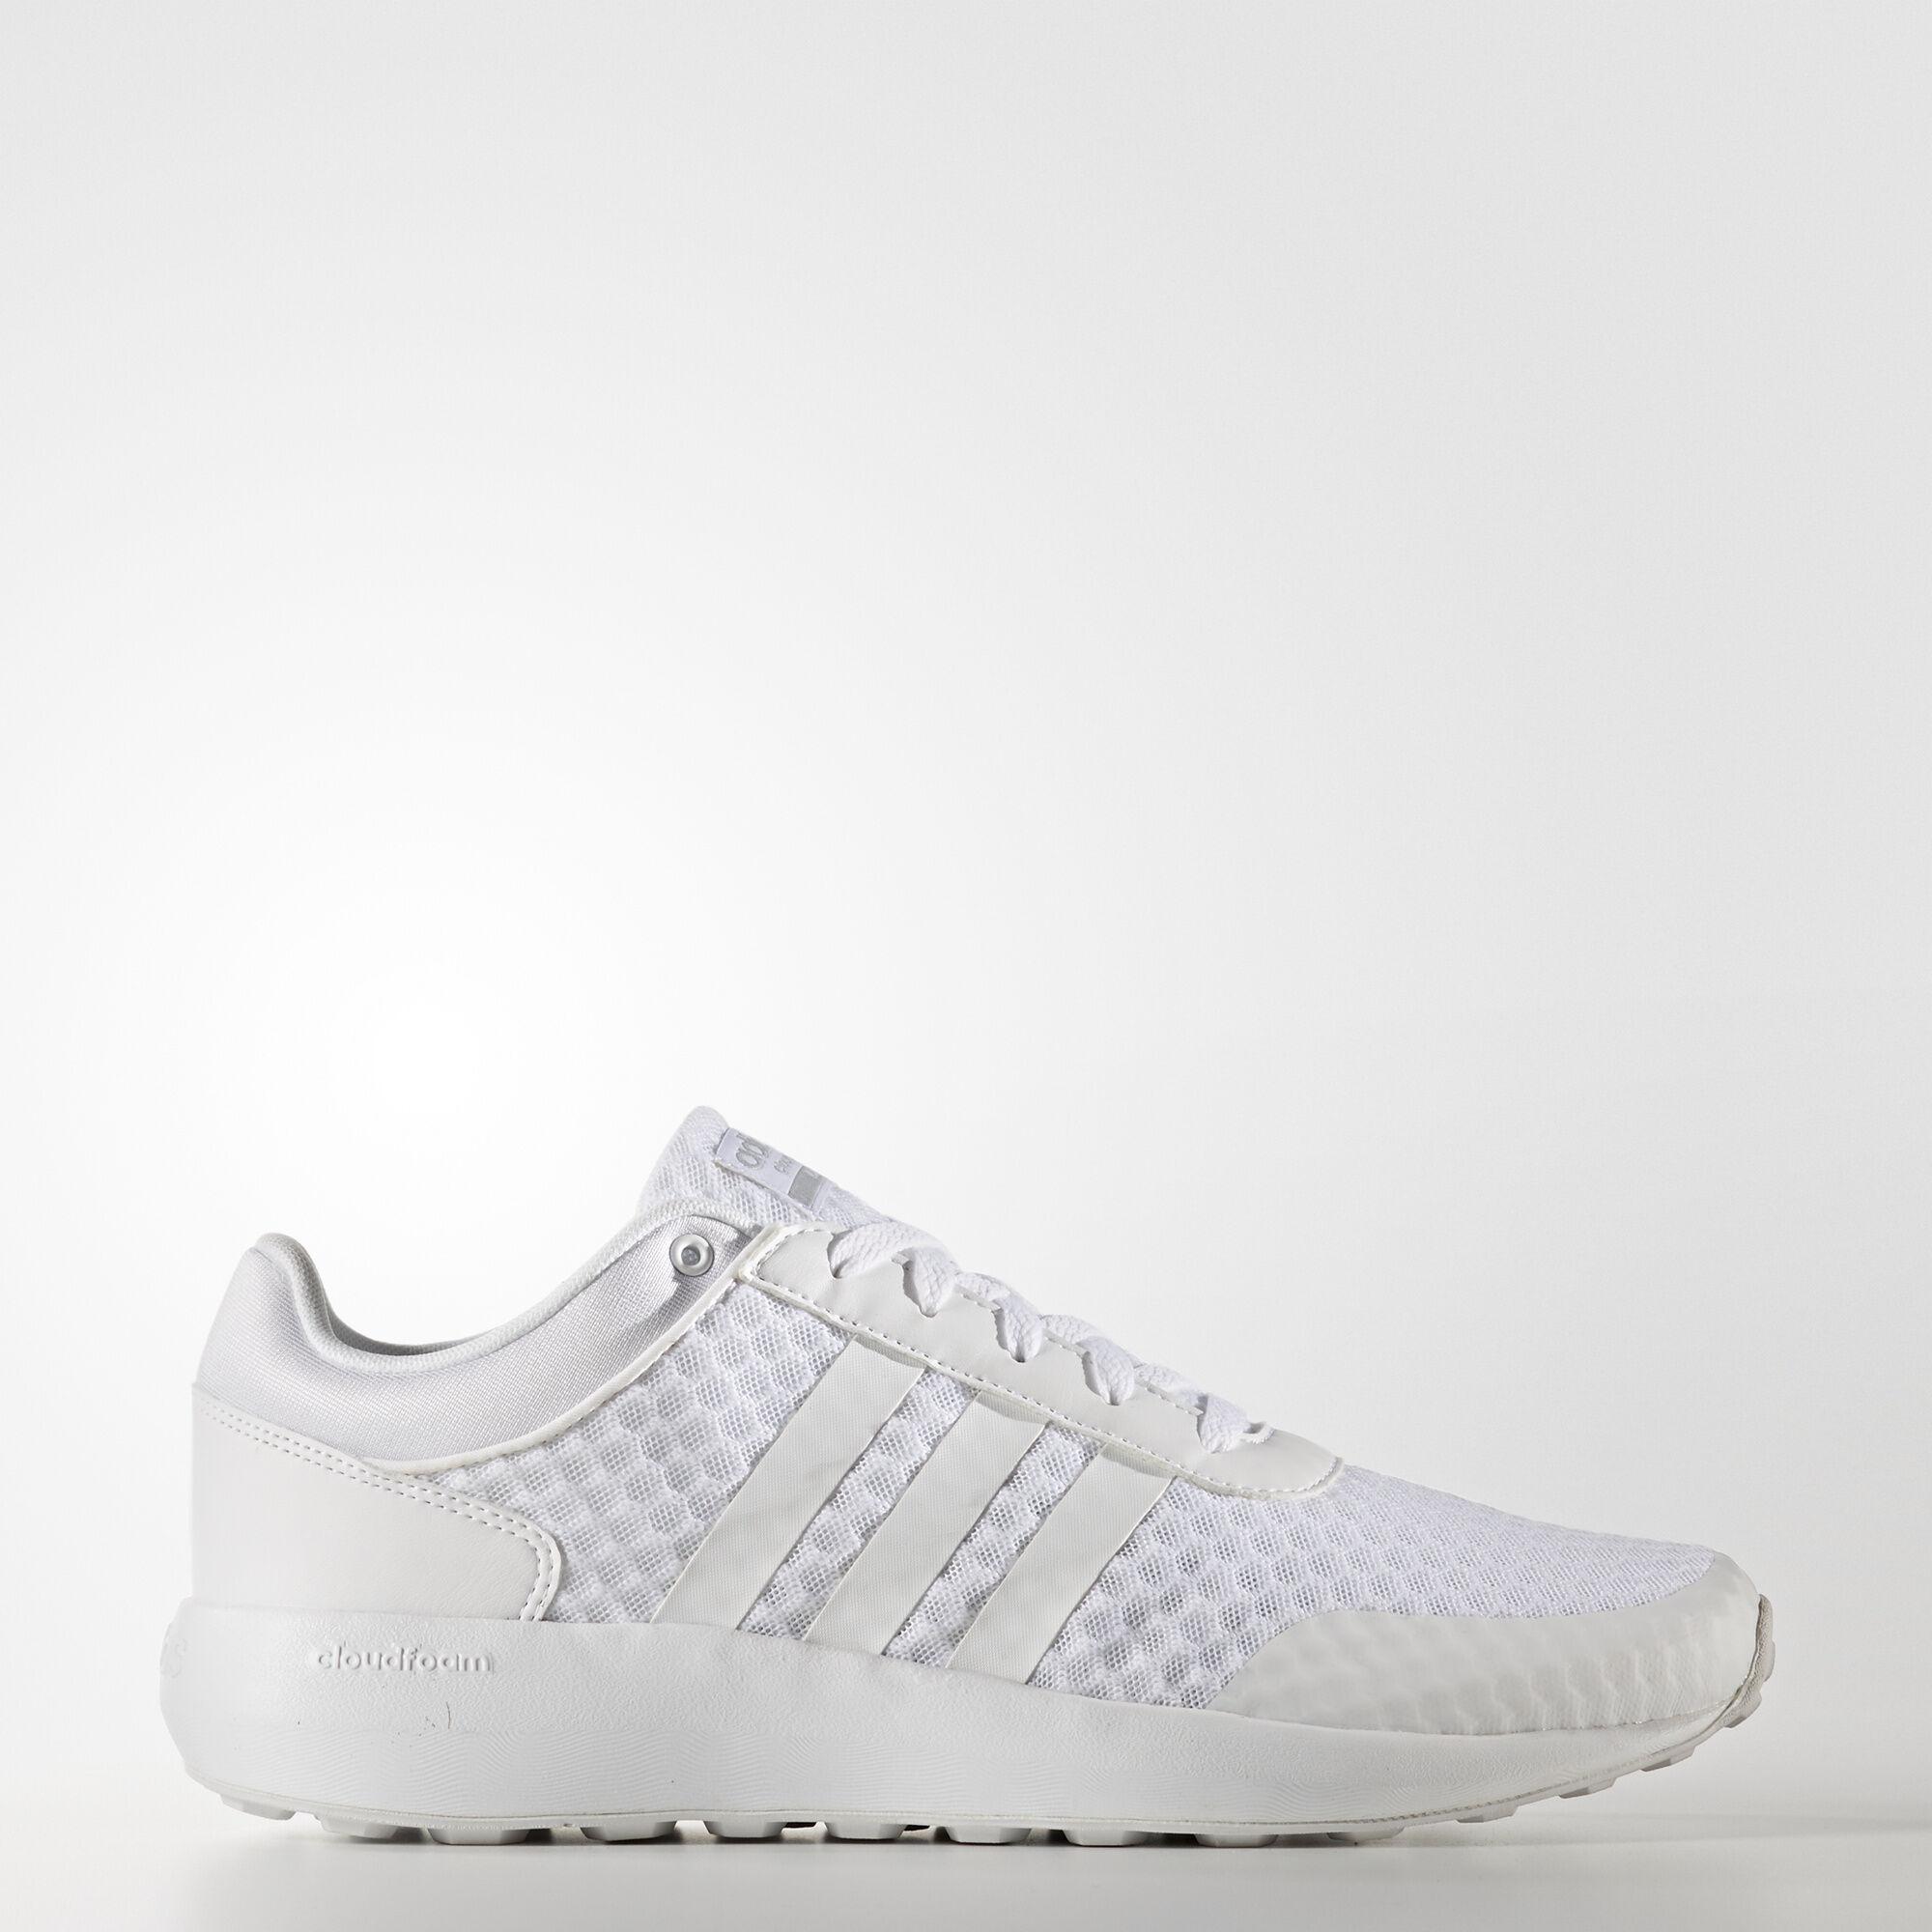 adidas neo all white